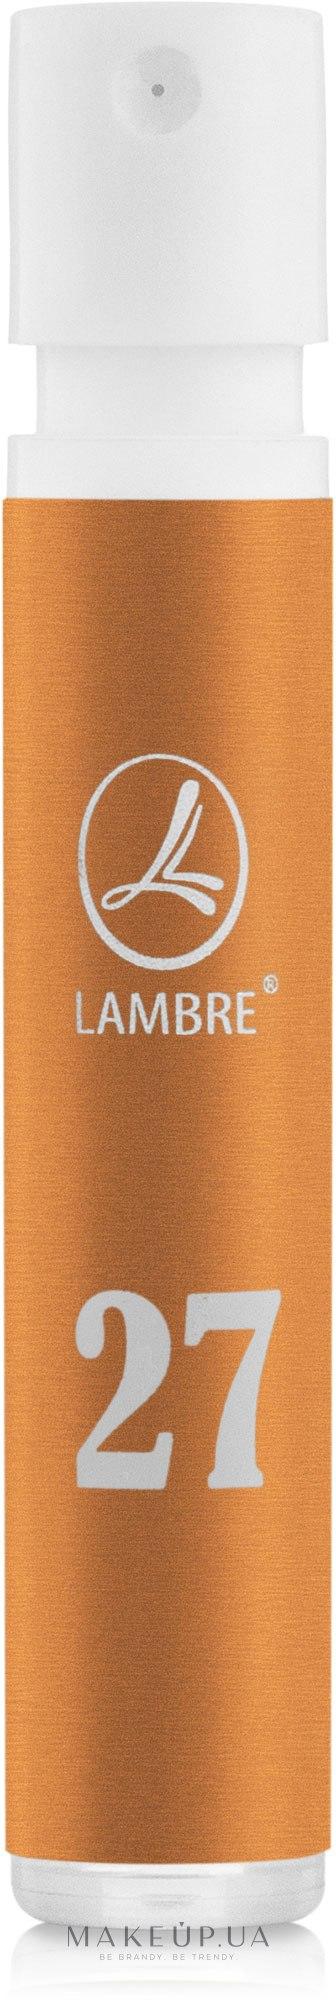 Lambre 27 - Духи (пробник) — фото 1.2ml